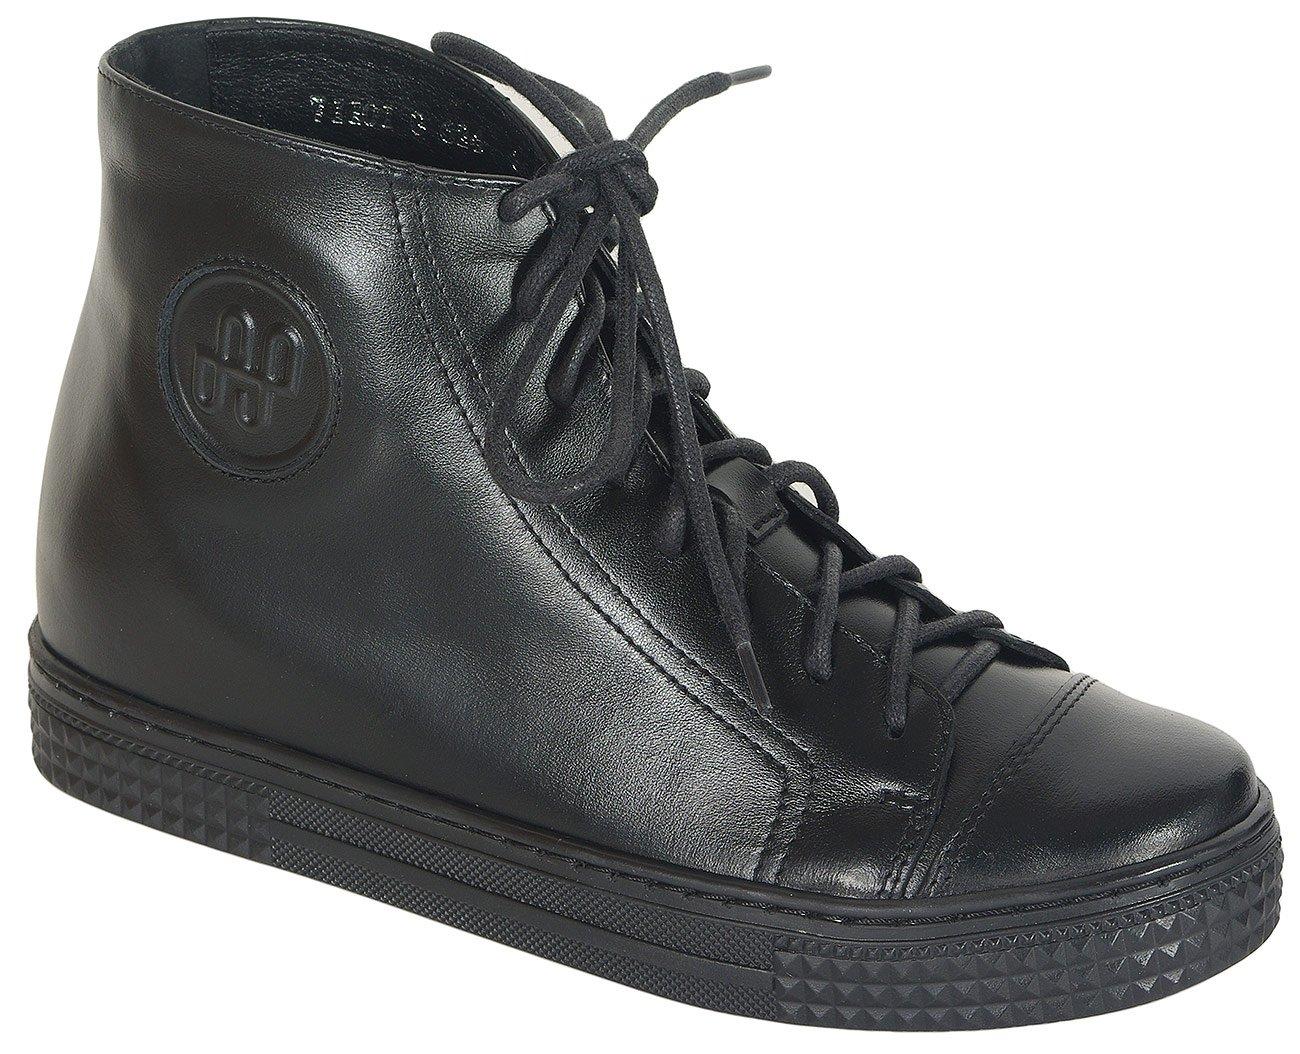 Solo Femme 71101 sneakers czarny